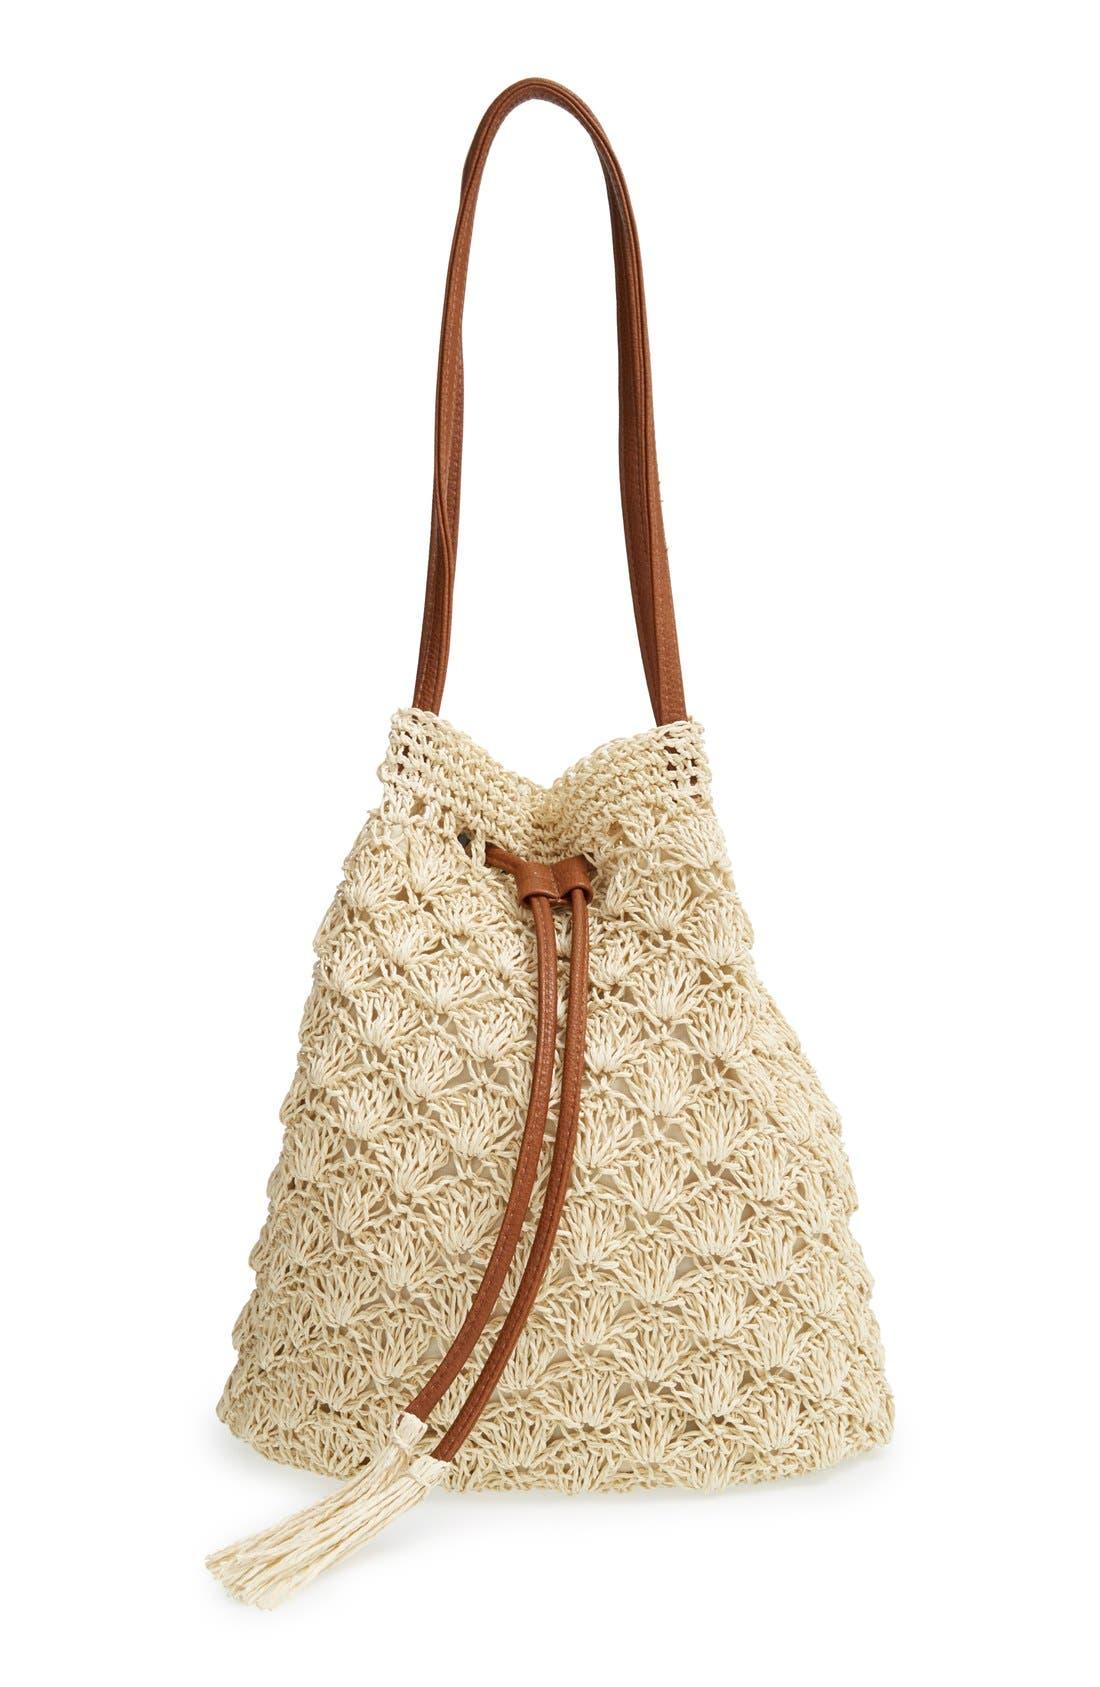 Alternate Image 1 Selected - Street Level Crochet Straw Bucket Bag